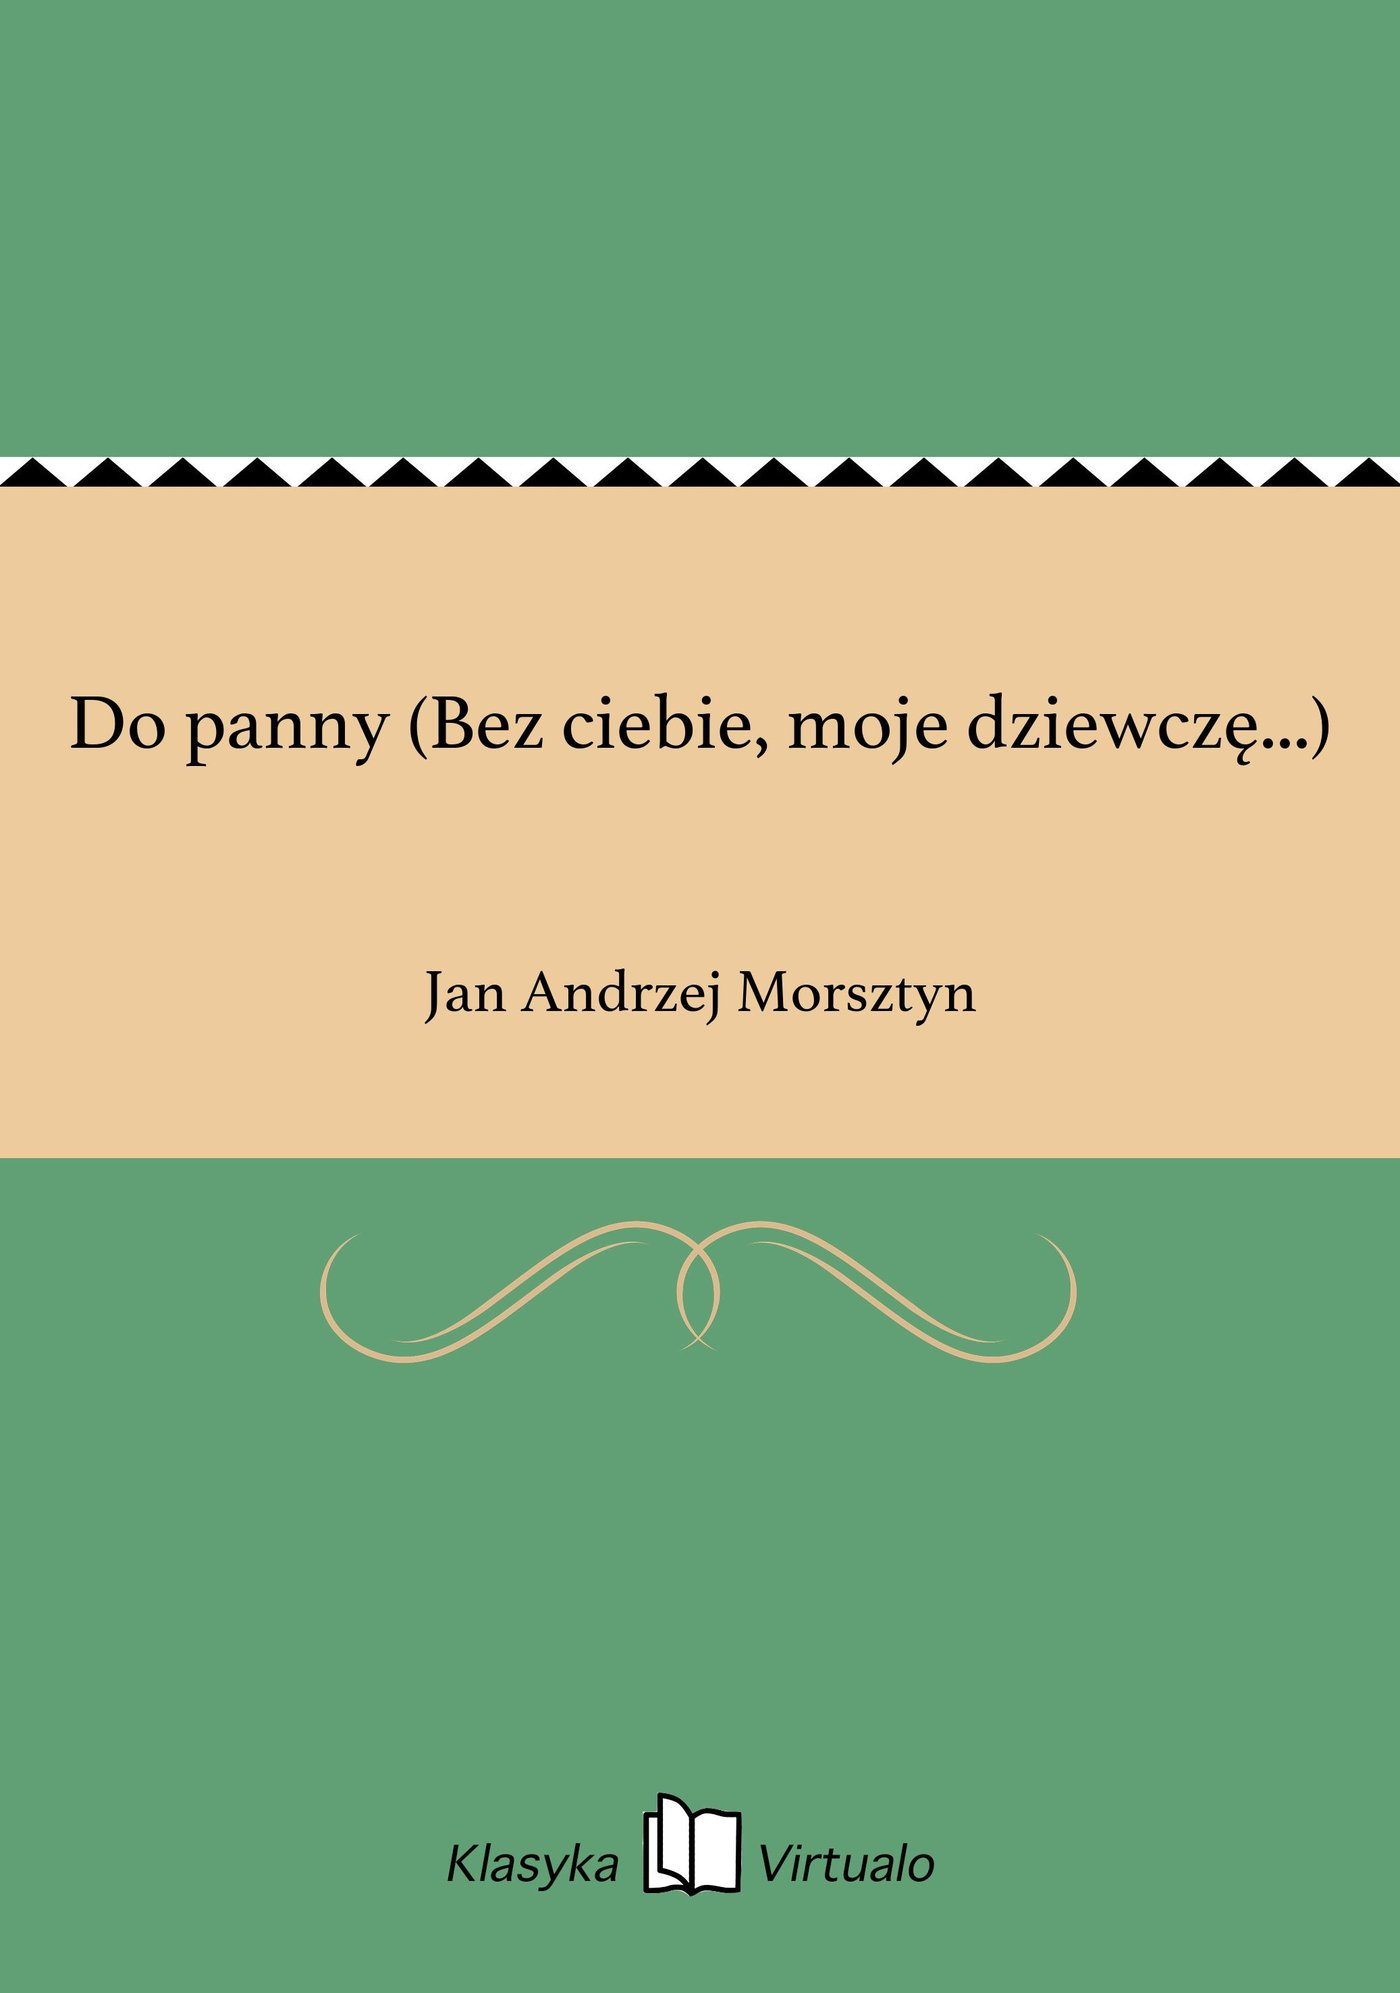 Do panny (Bez ciebie, moje dziewczę...) - Ebook (Książka EPUB) do pobrania w formacie EPUB